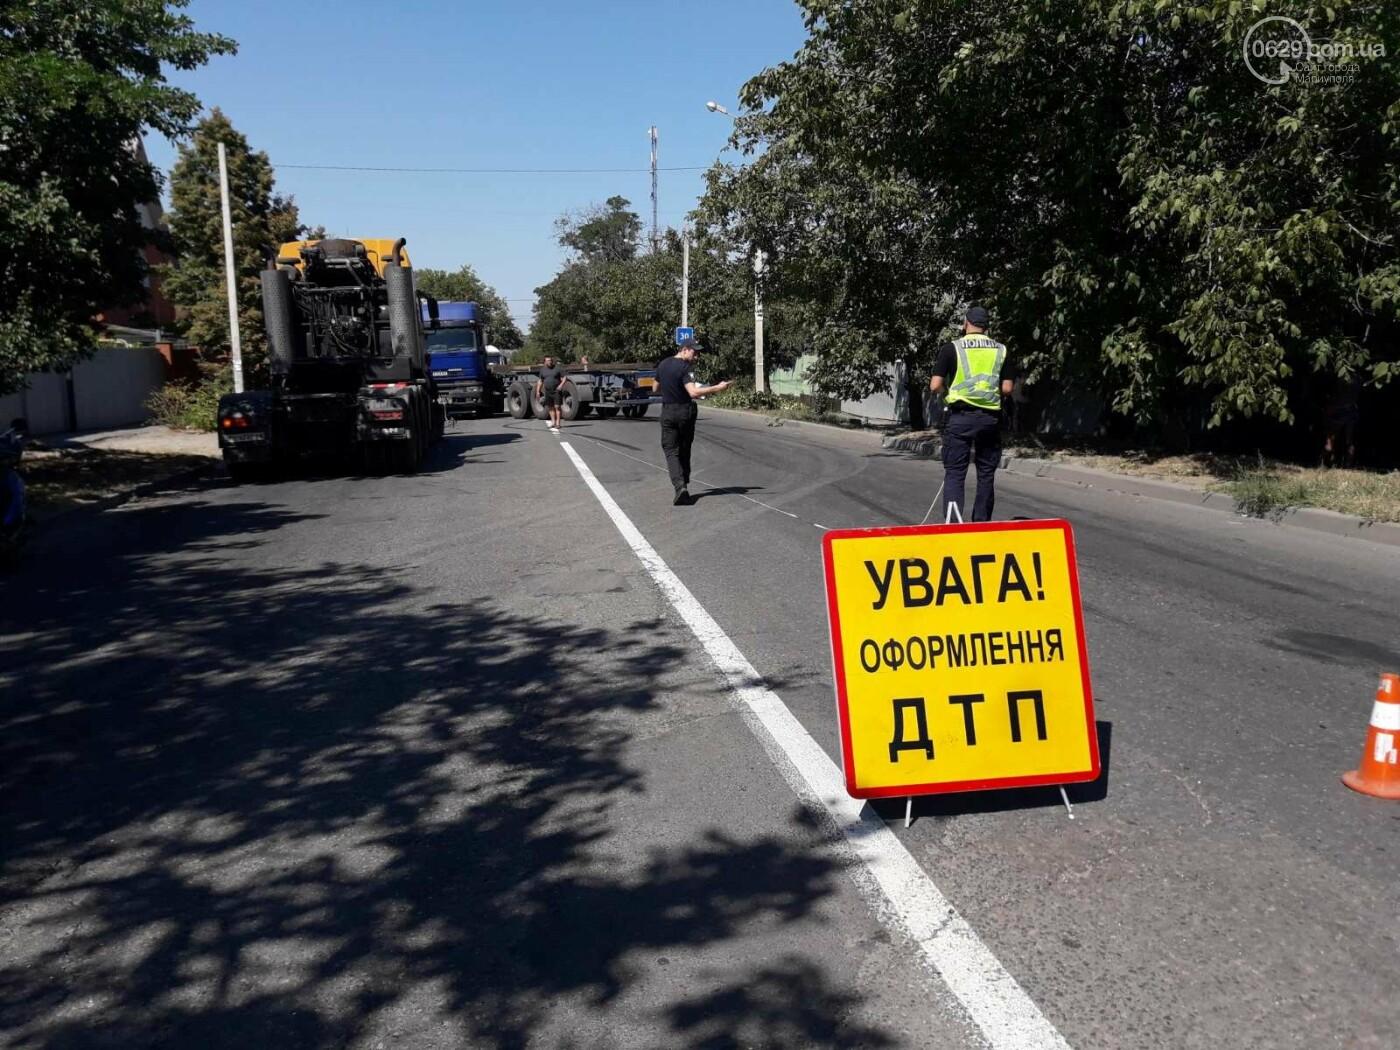 ДТП в Мариуполе: столкнулись два грузовика и перекрыли дорогу, - ФОТО, ВИДЕО, фото-7